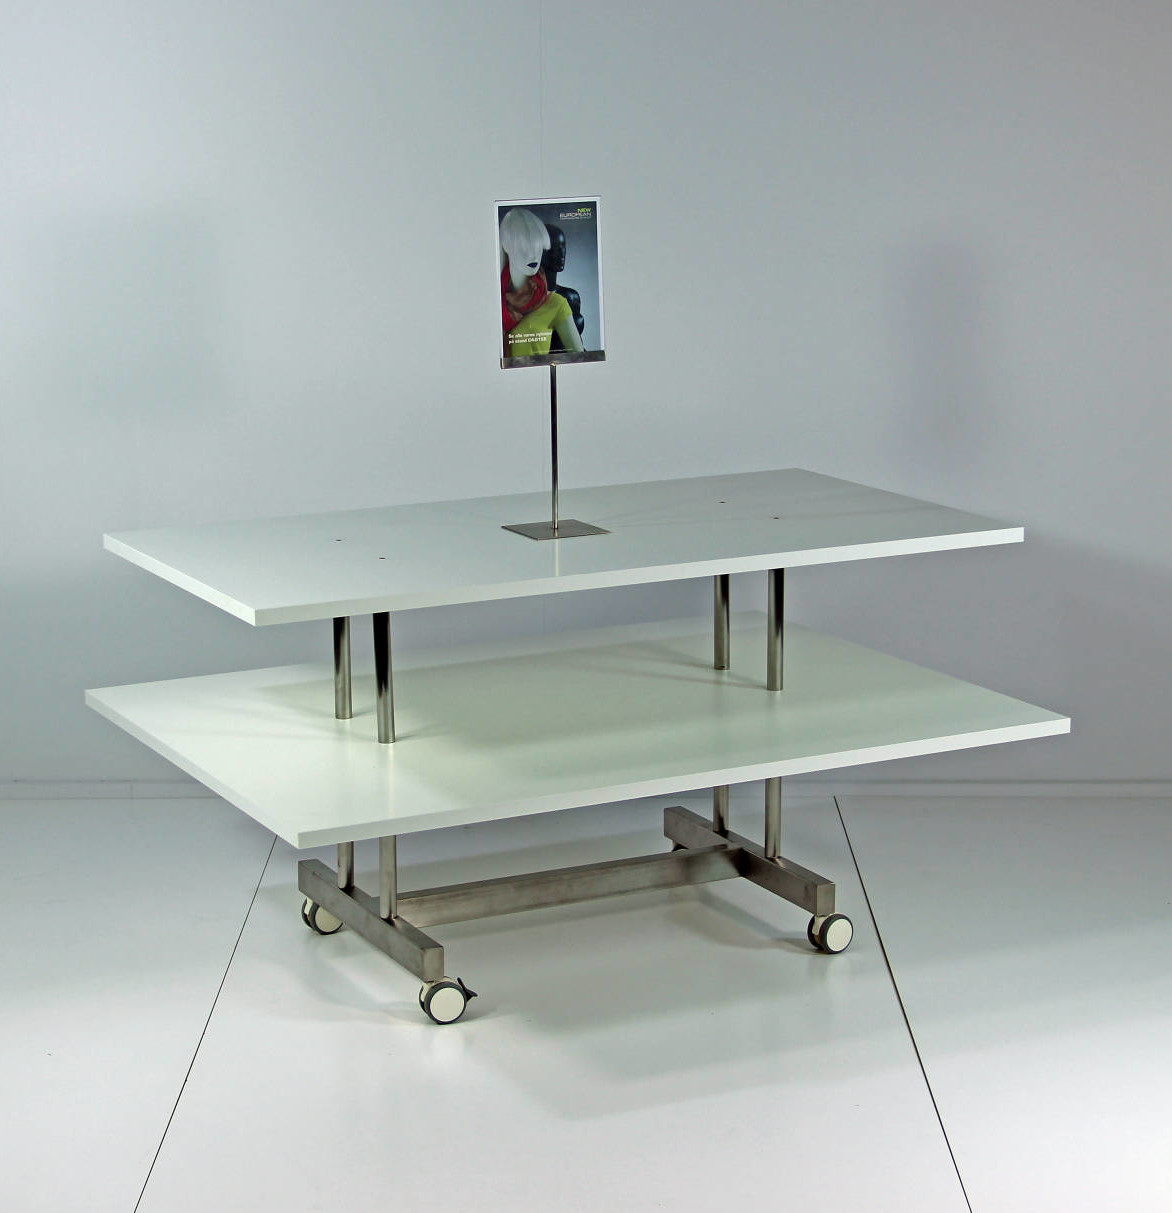 Effektivt salgsbord, som sælger mange varer. Butiksinventar